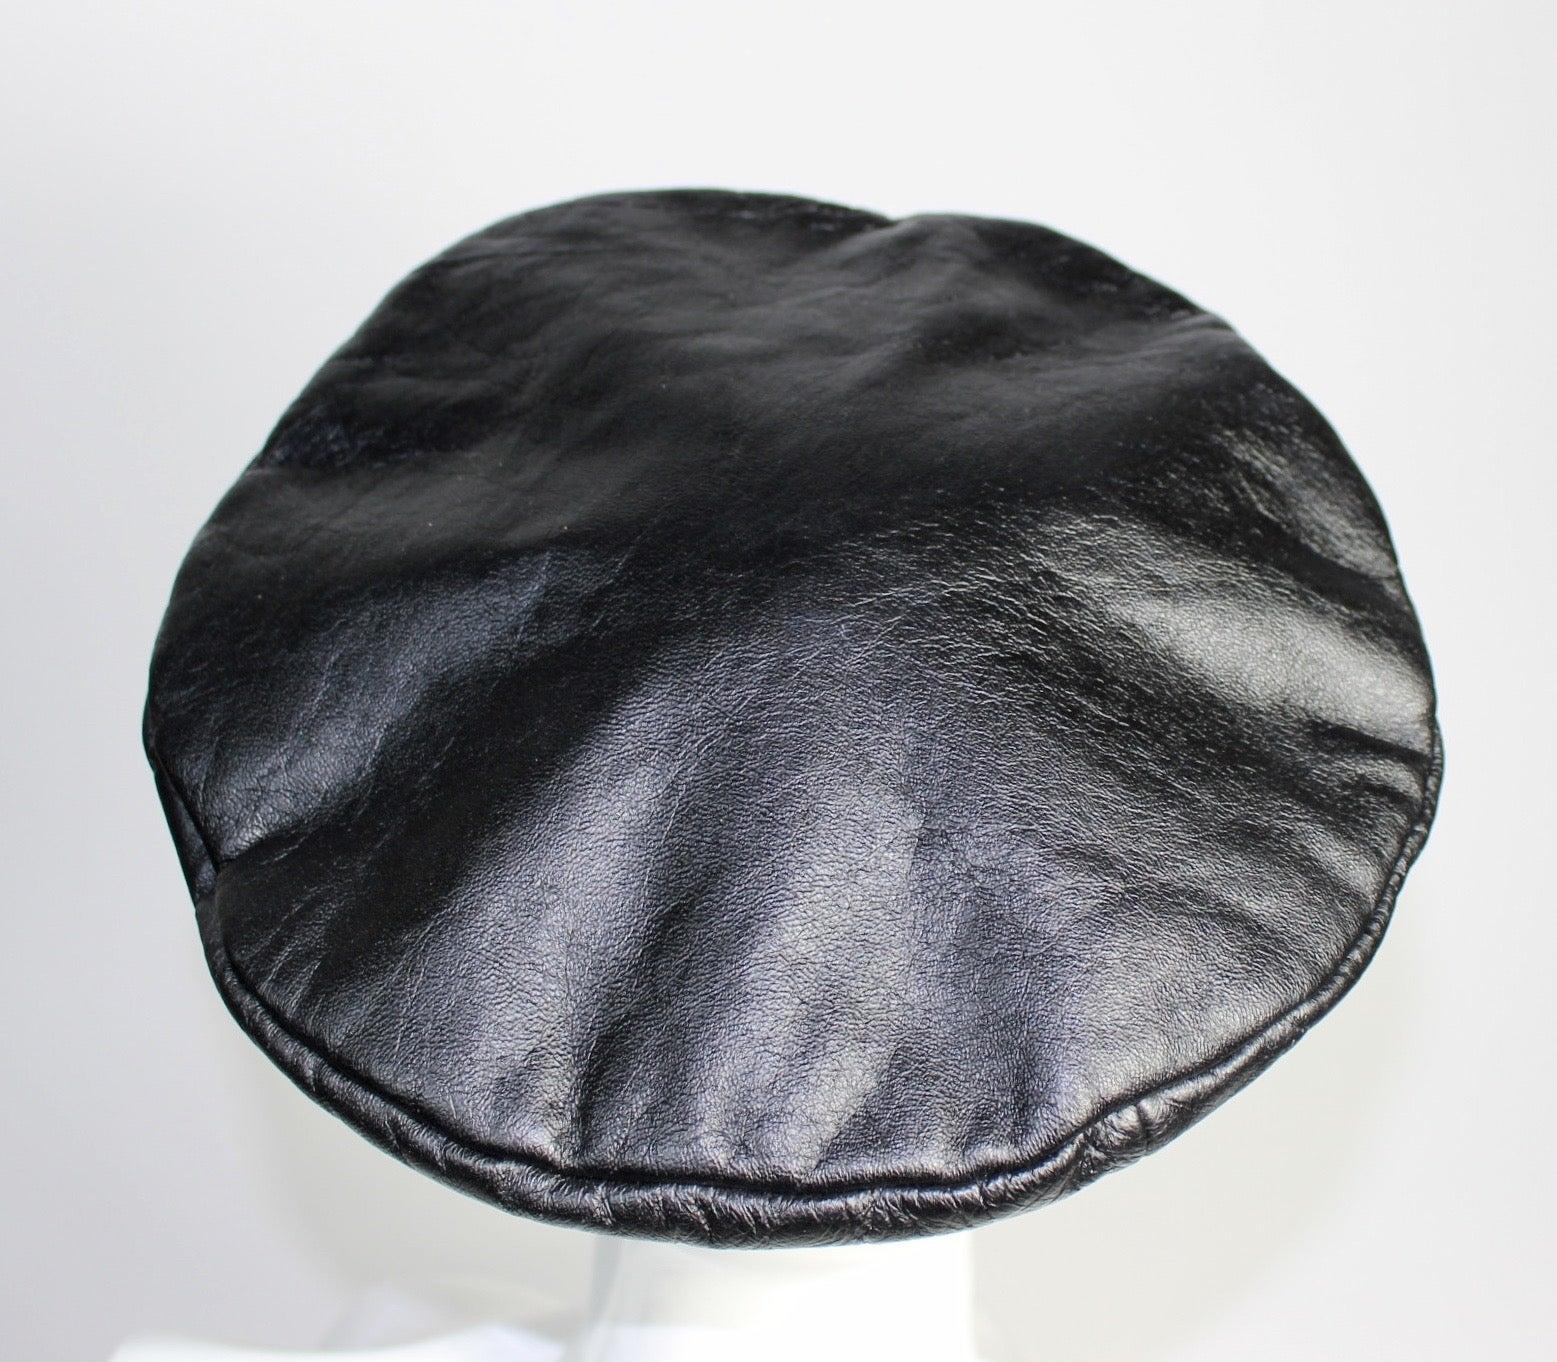 ff8086f563152 Vintage Yves Saint Laurent Black Leather Beret Hat at 1stdibs